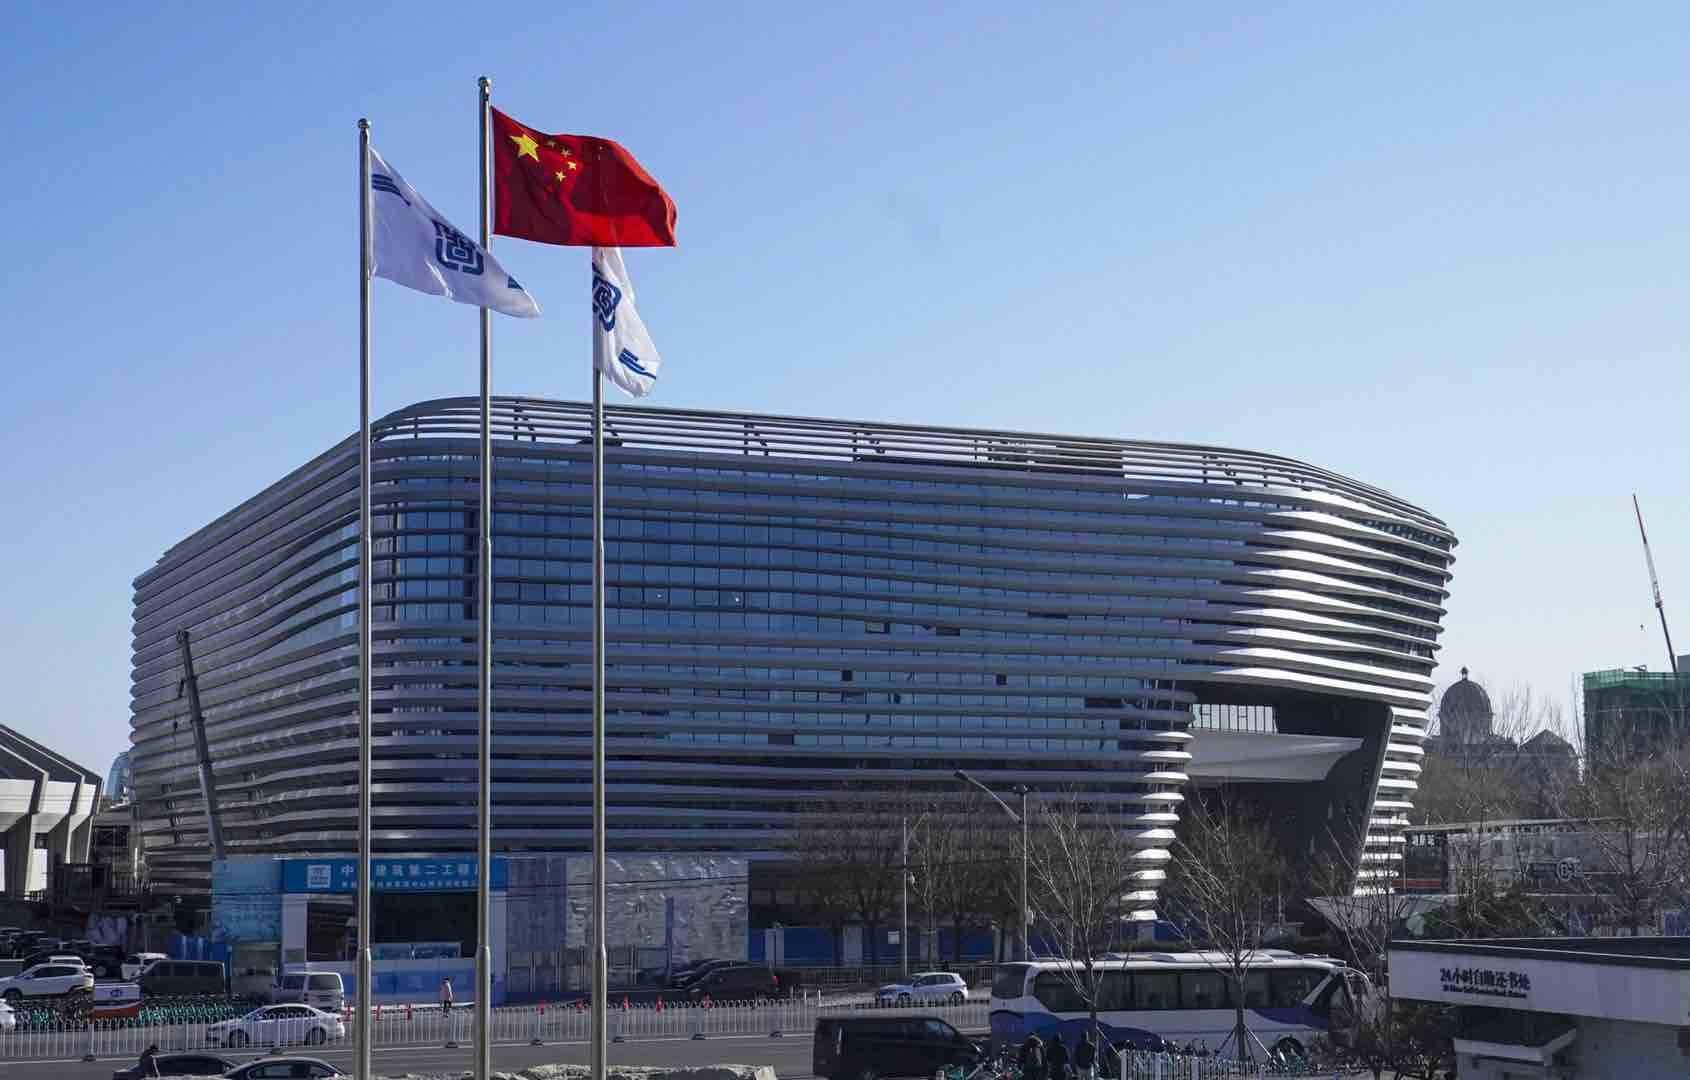 冬奥建设进入冲刺阶段 北京赛区15块冰齐头并进高水平建设